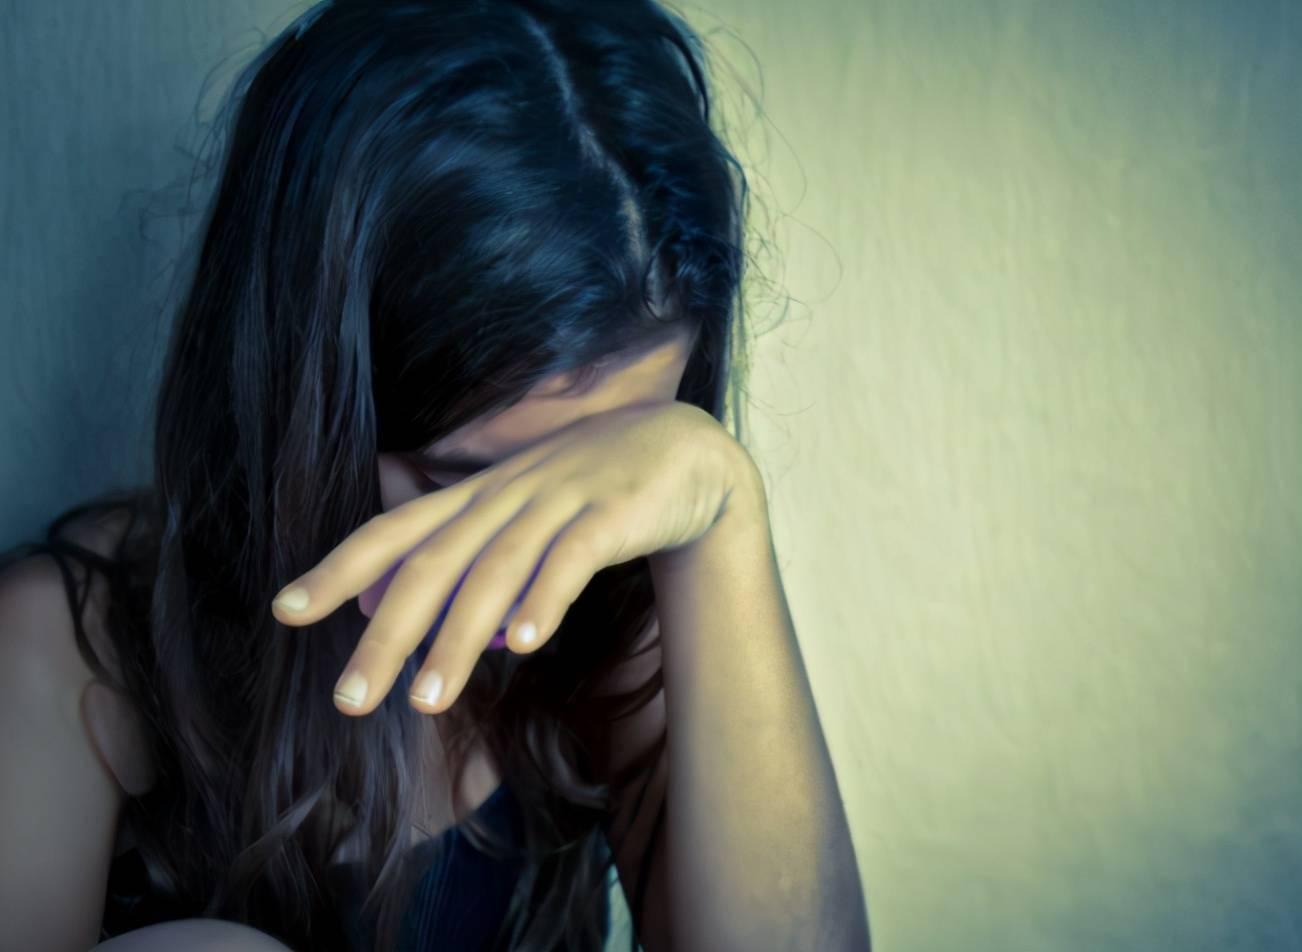 11岁女生能接受几厘米 我13岁被一个25岁的